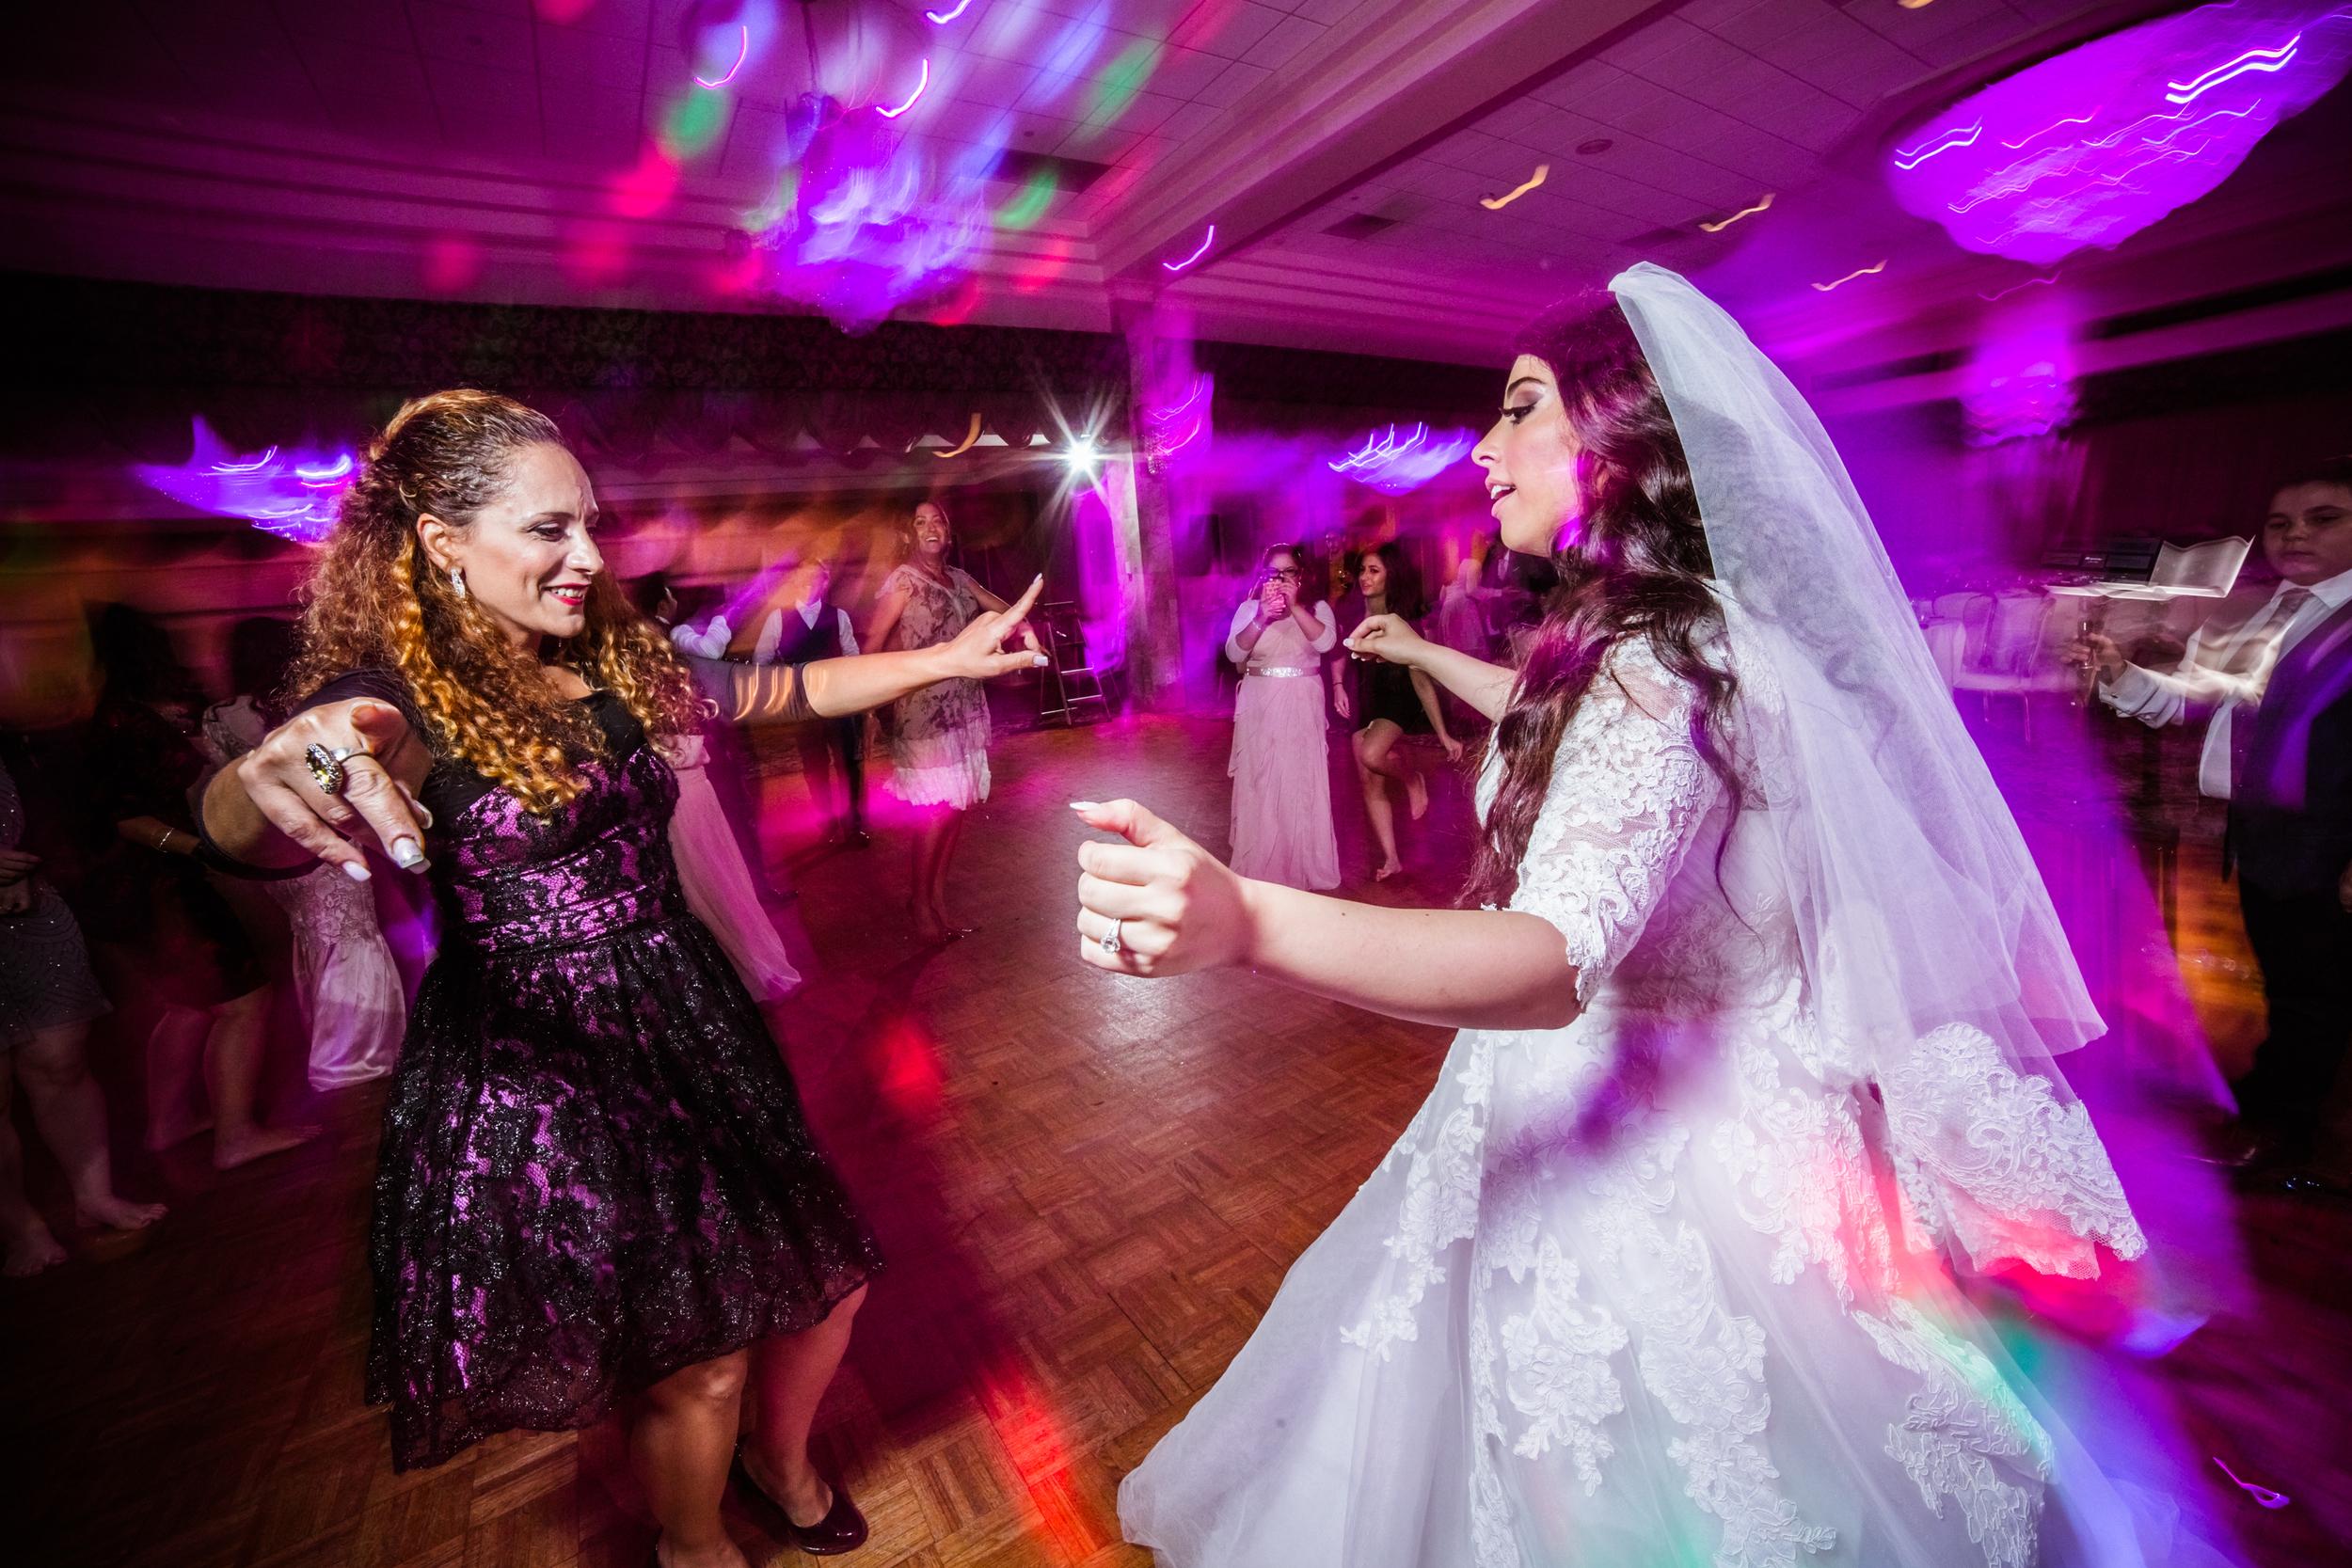 Wedding Etya & Sergey - Eliau Piha studio photography, new york, events, people-0635.jpg